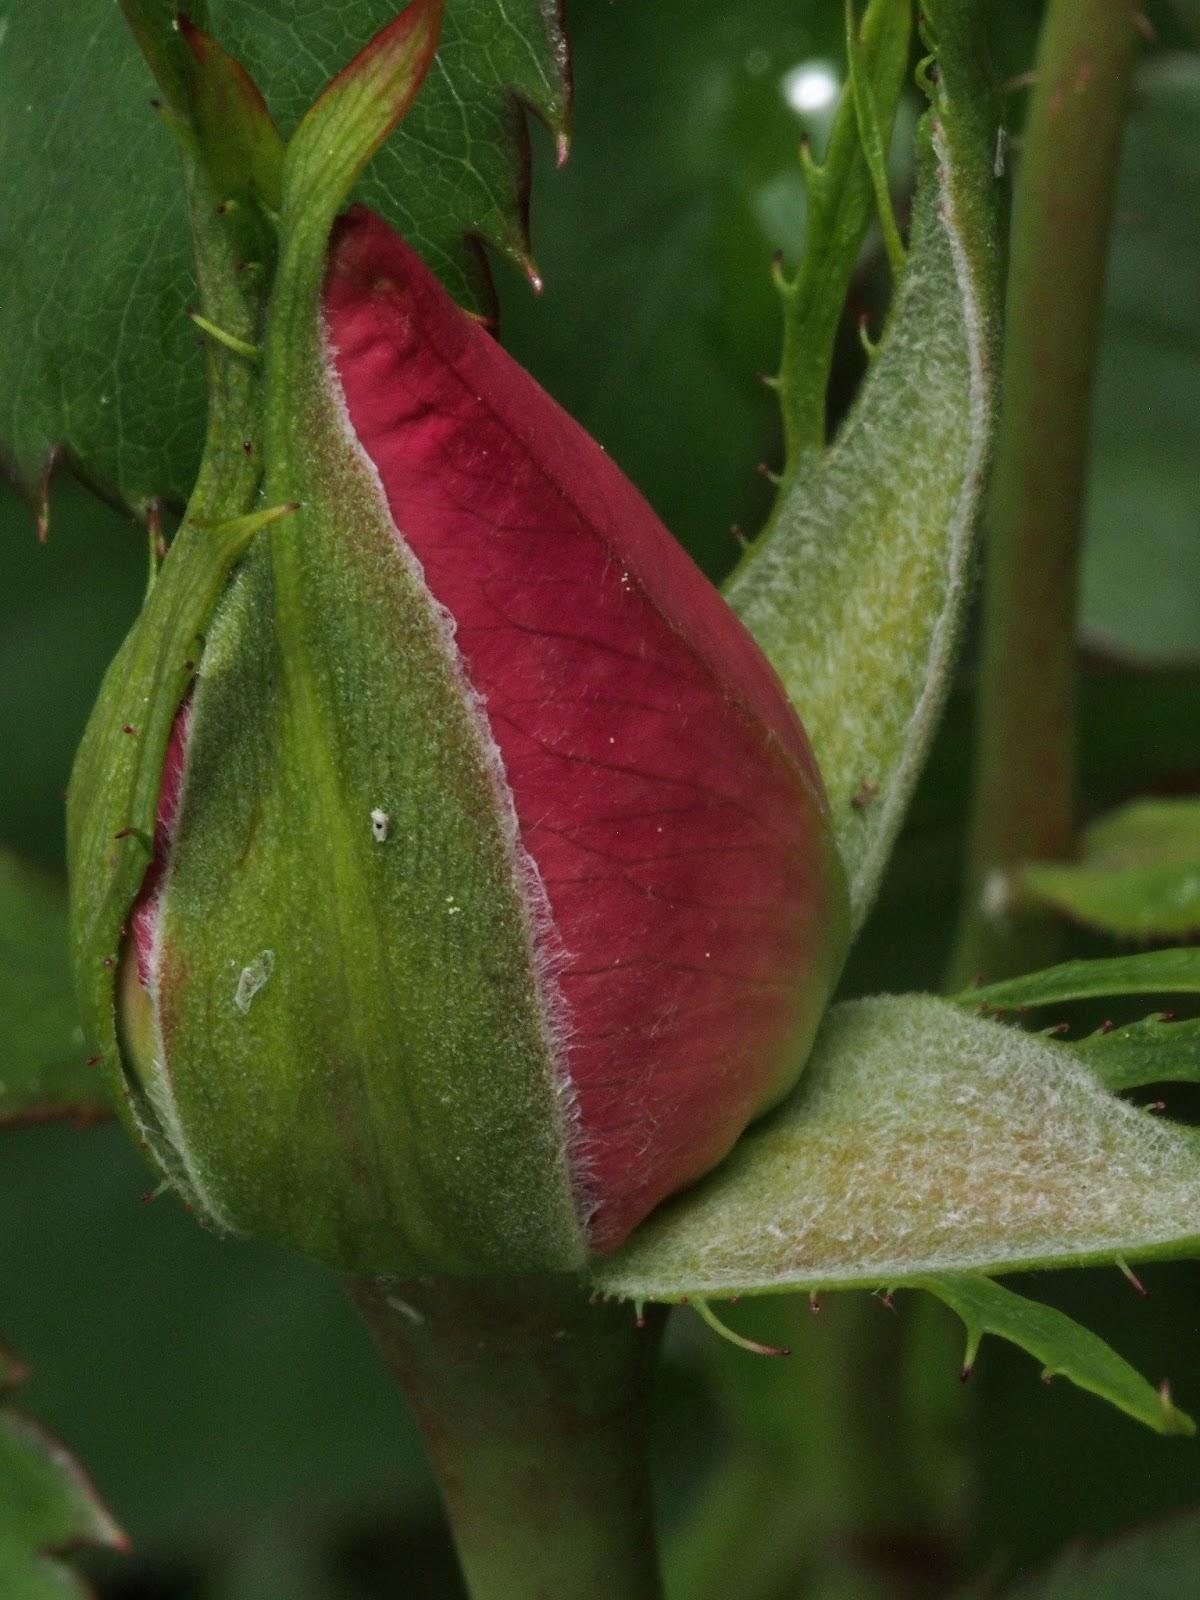 Rosebud #centralpark #rosebud #rose #shakespearesgarden #nyc 2014